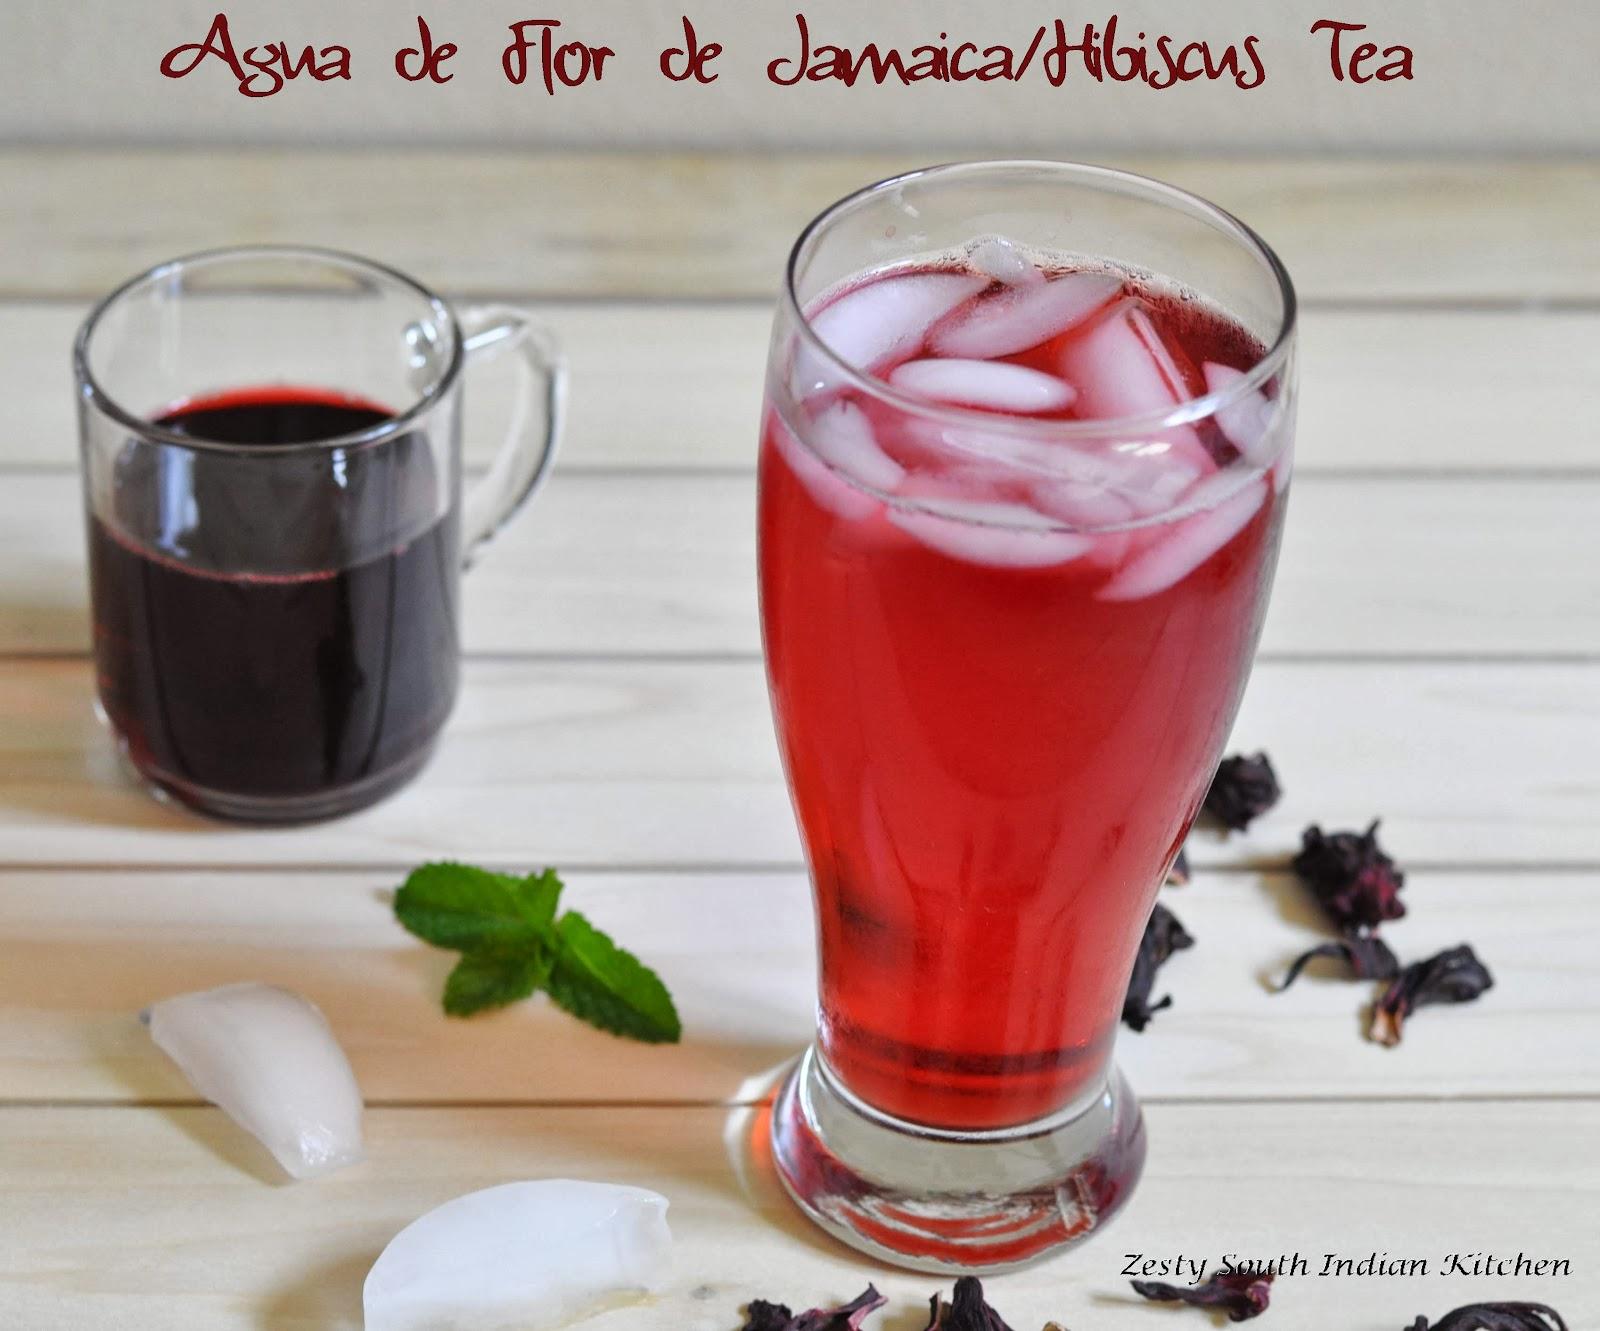 Agua flor de jamaicaagua fresca flor de jamaicahibiscus tea agua flor de jamaicaagua fresca flor de jamaicahibiscus tea izmirmasajfo